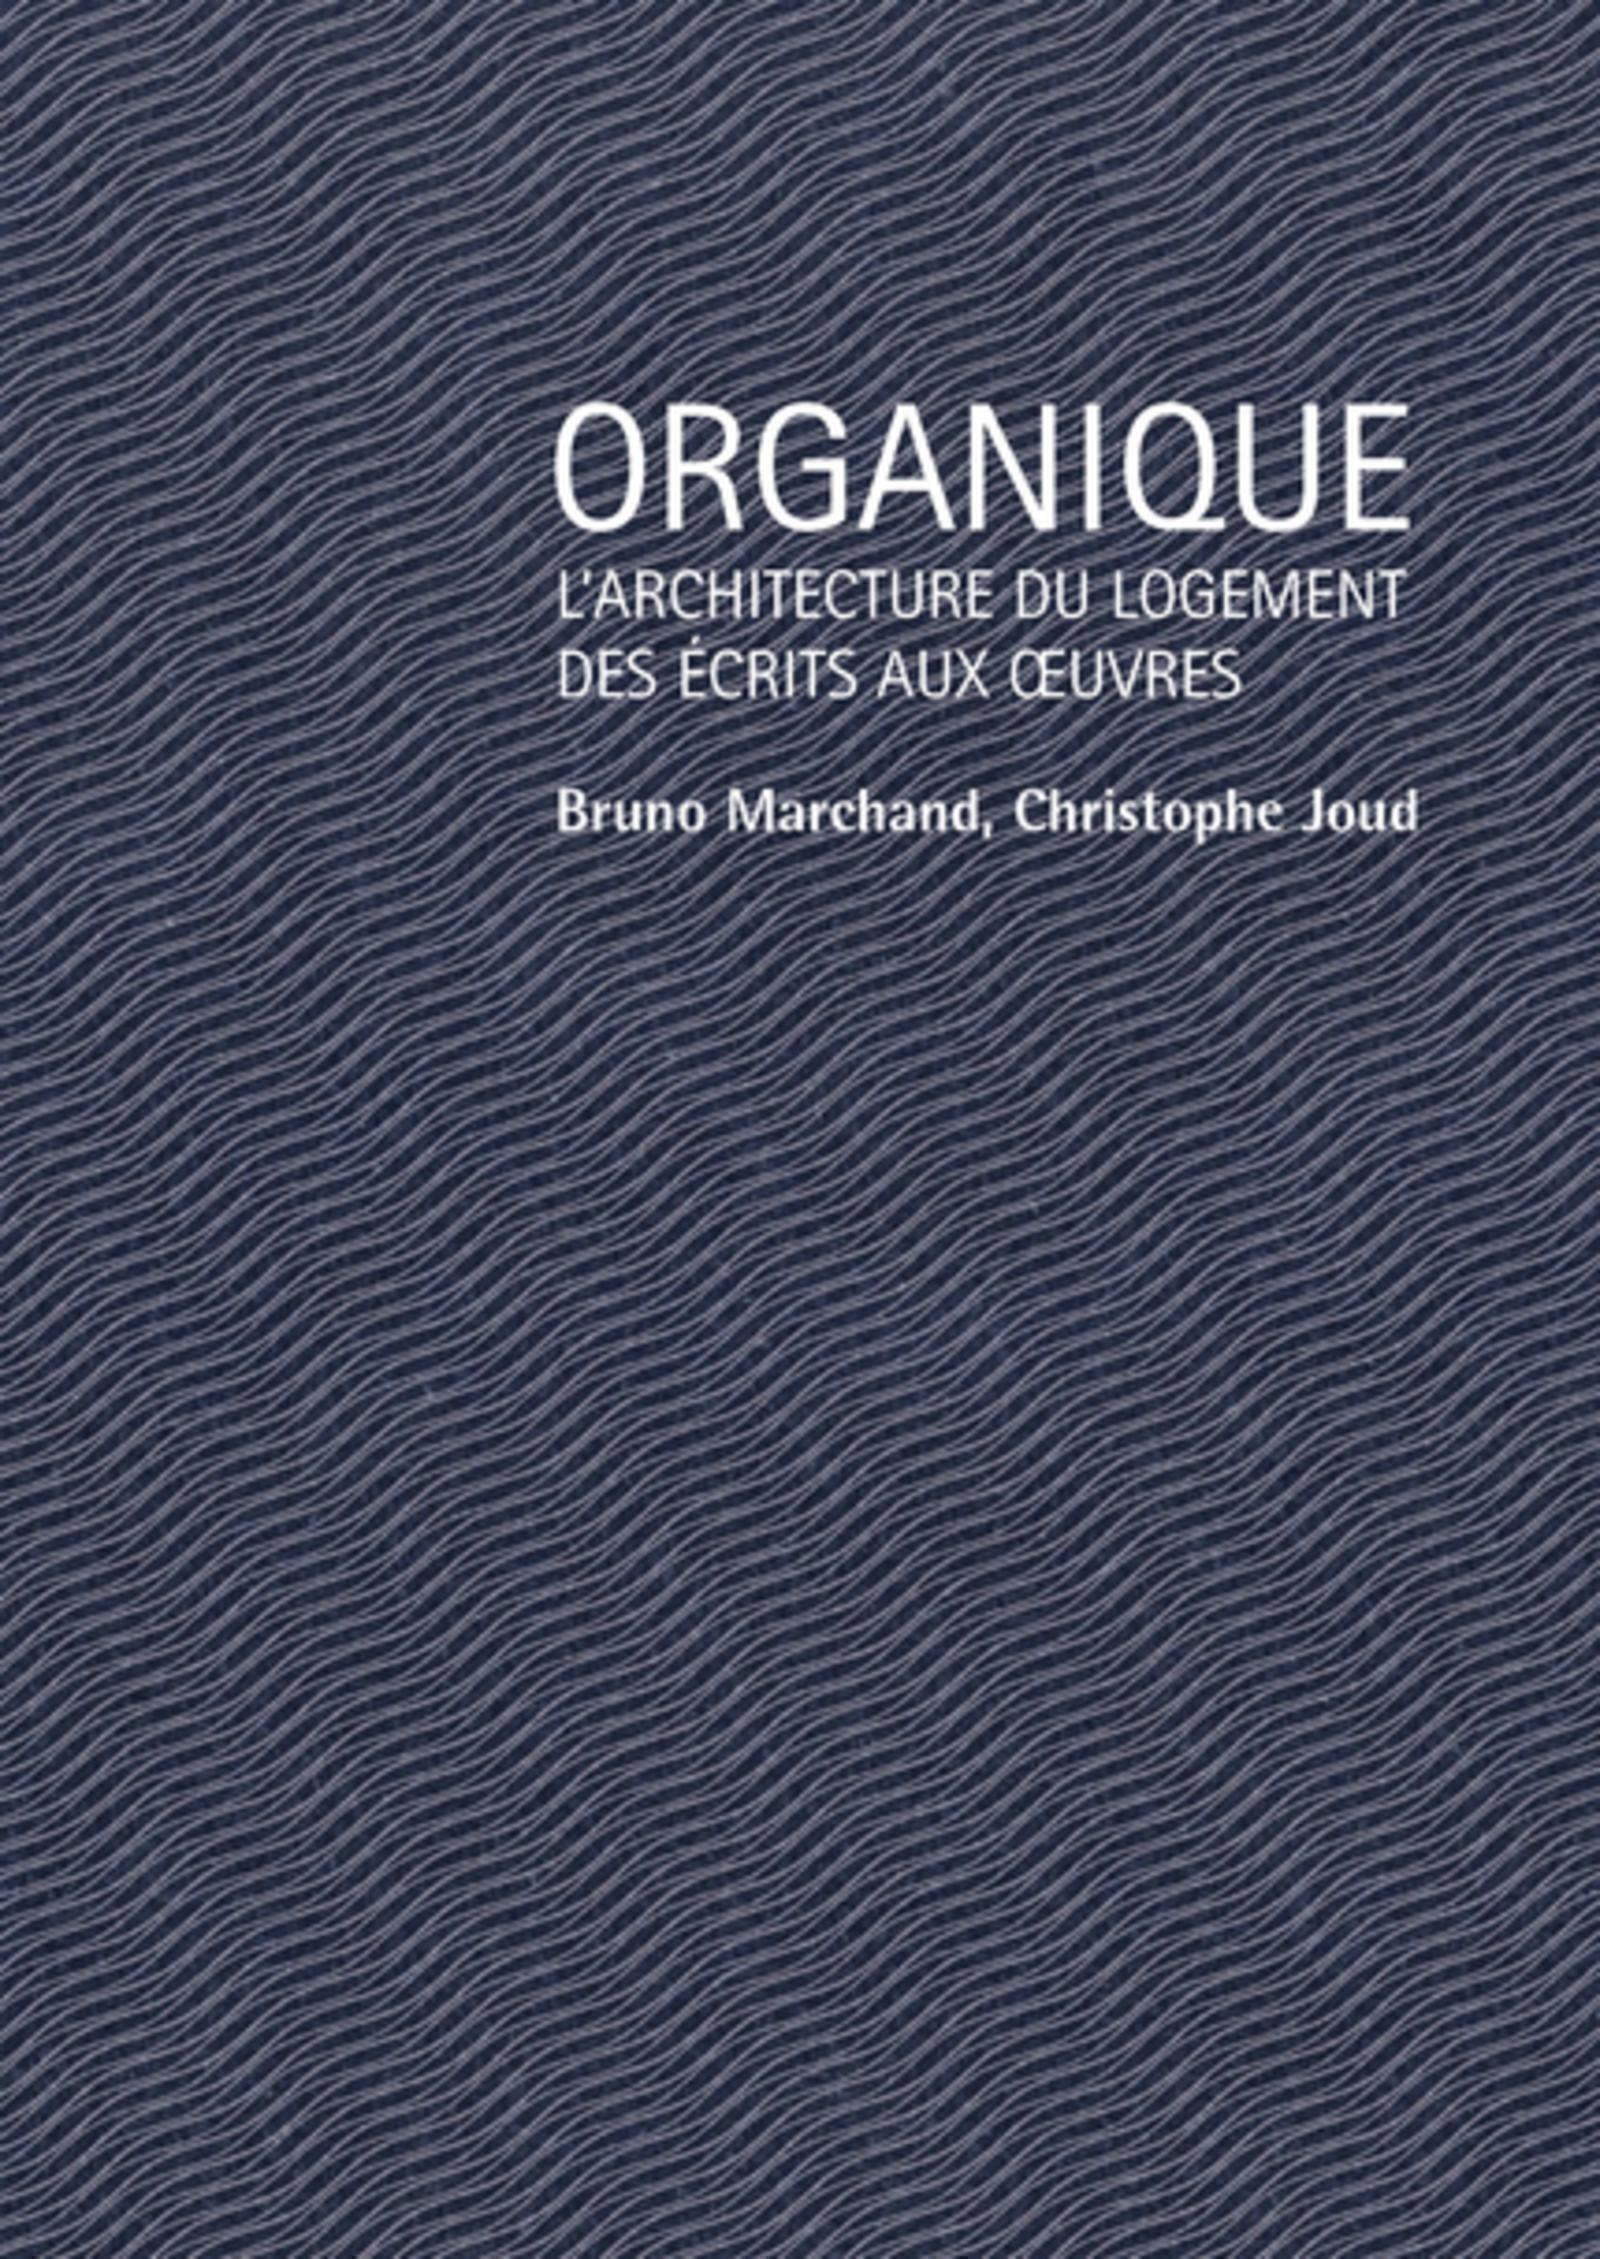 ORGANIQUE - L'ARCHITECTURE DU LOGEMENT DES ECRITS AUX OEUVRES